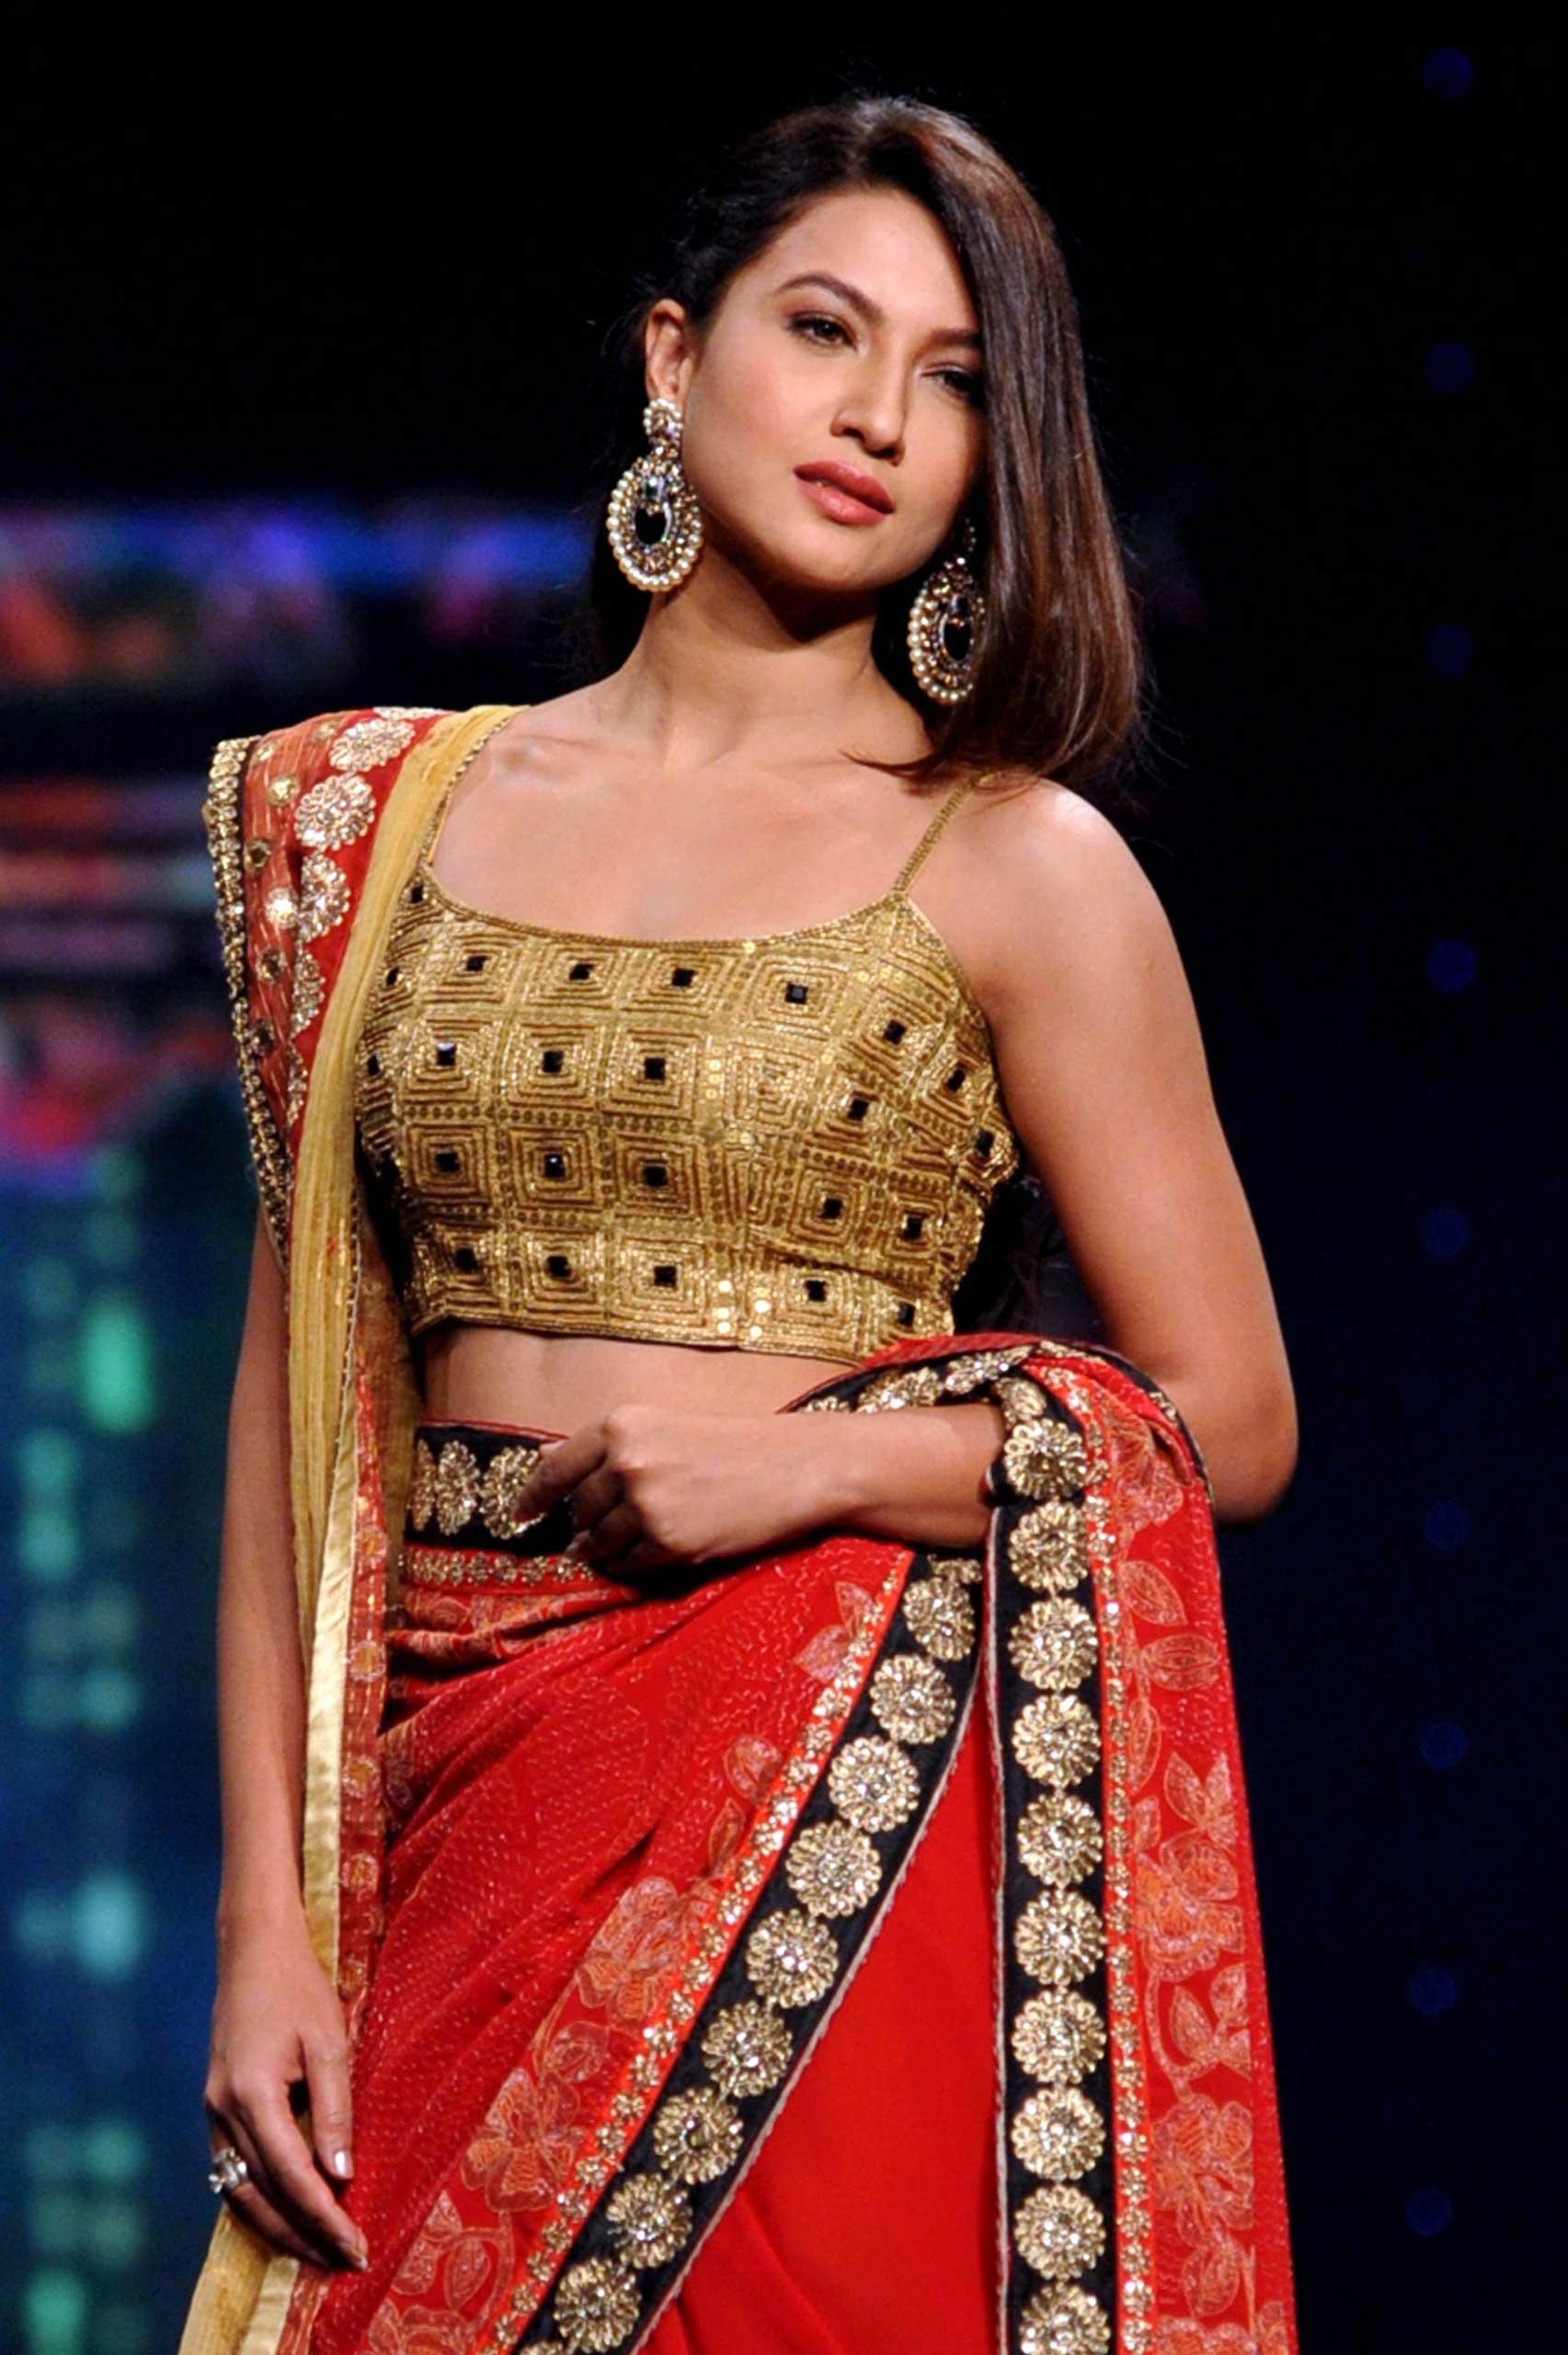 actress, Dancing, Bollywood, Anushka, Sharma, Movie